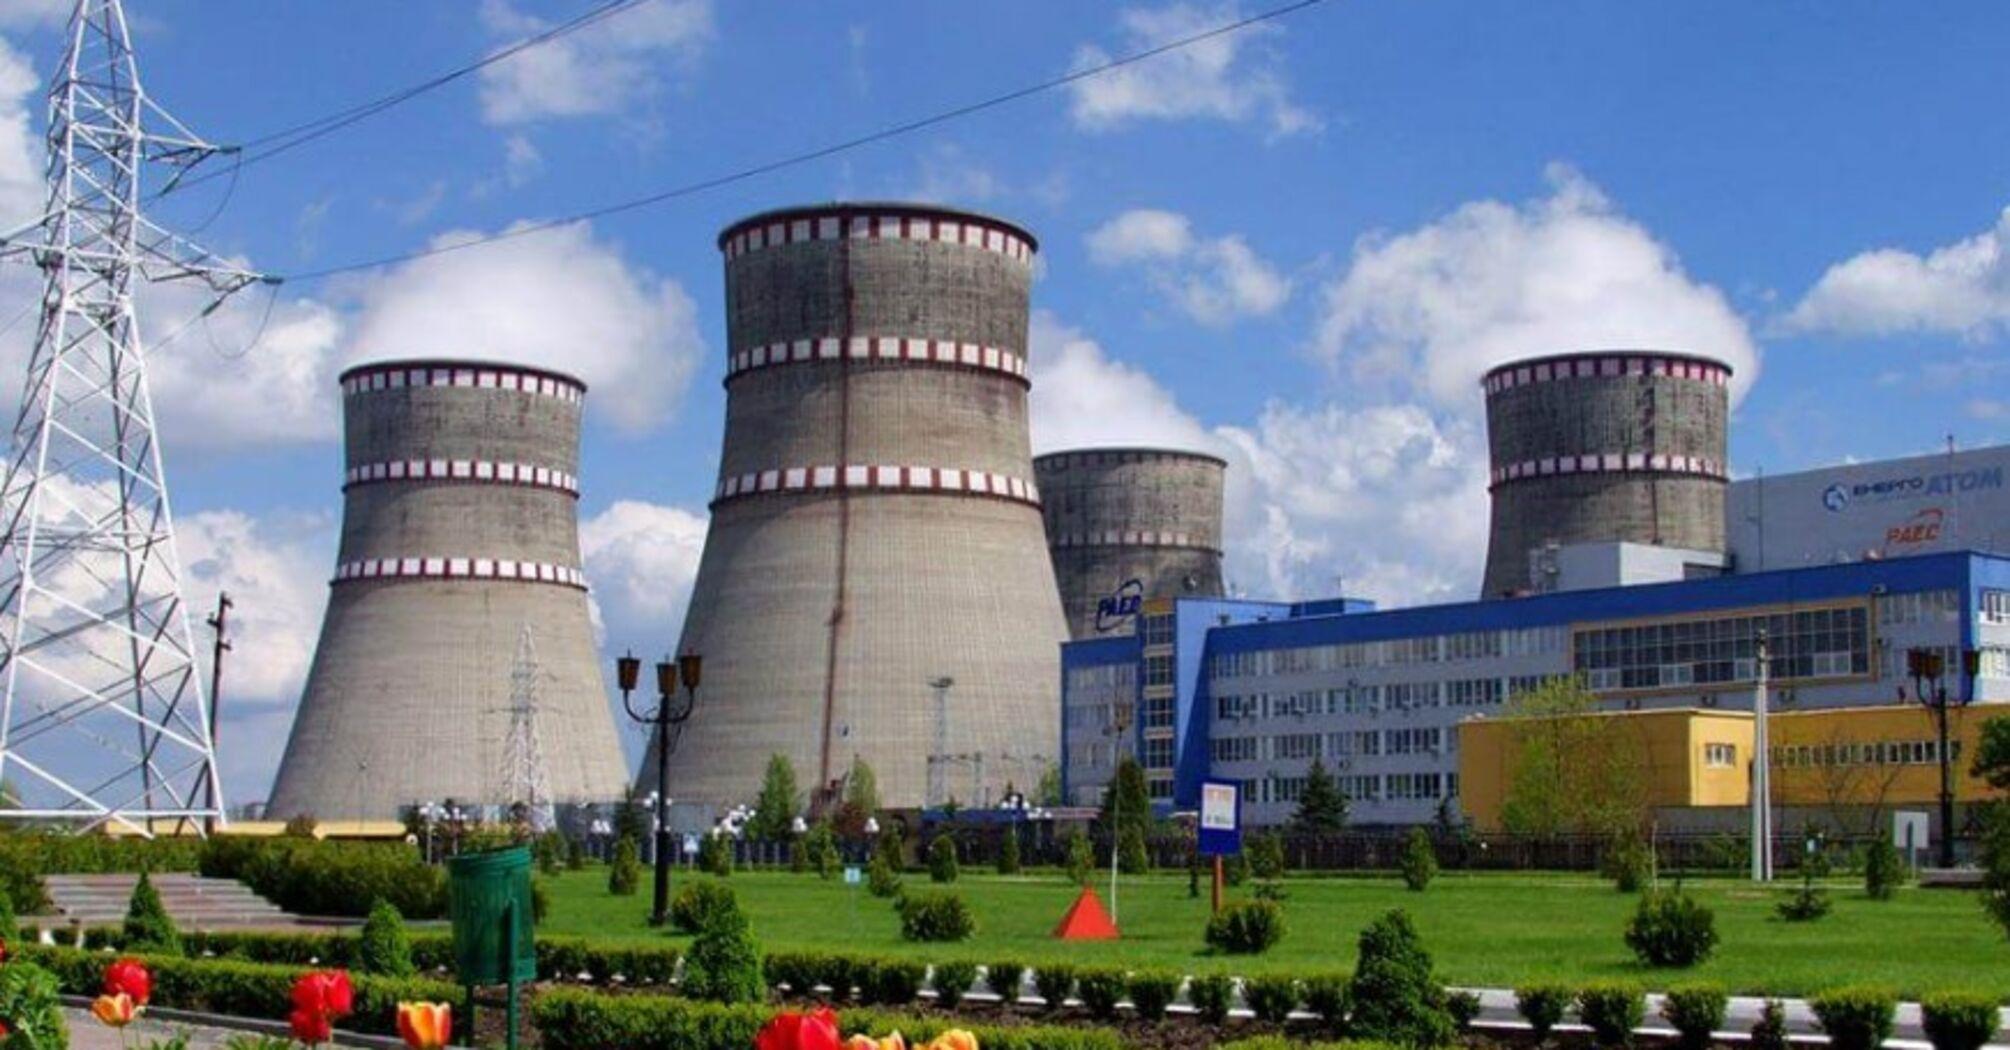 Виробництво електроенергії на АЕС майже вдвічі перевищило ТЕС